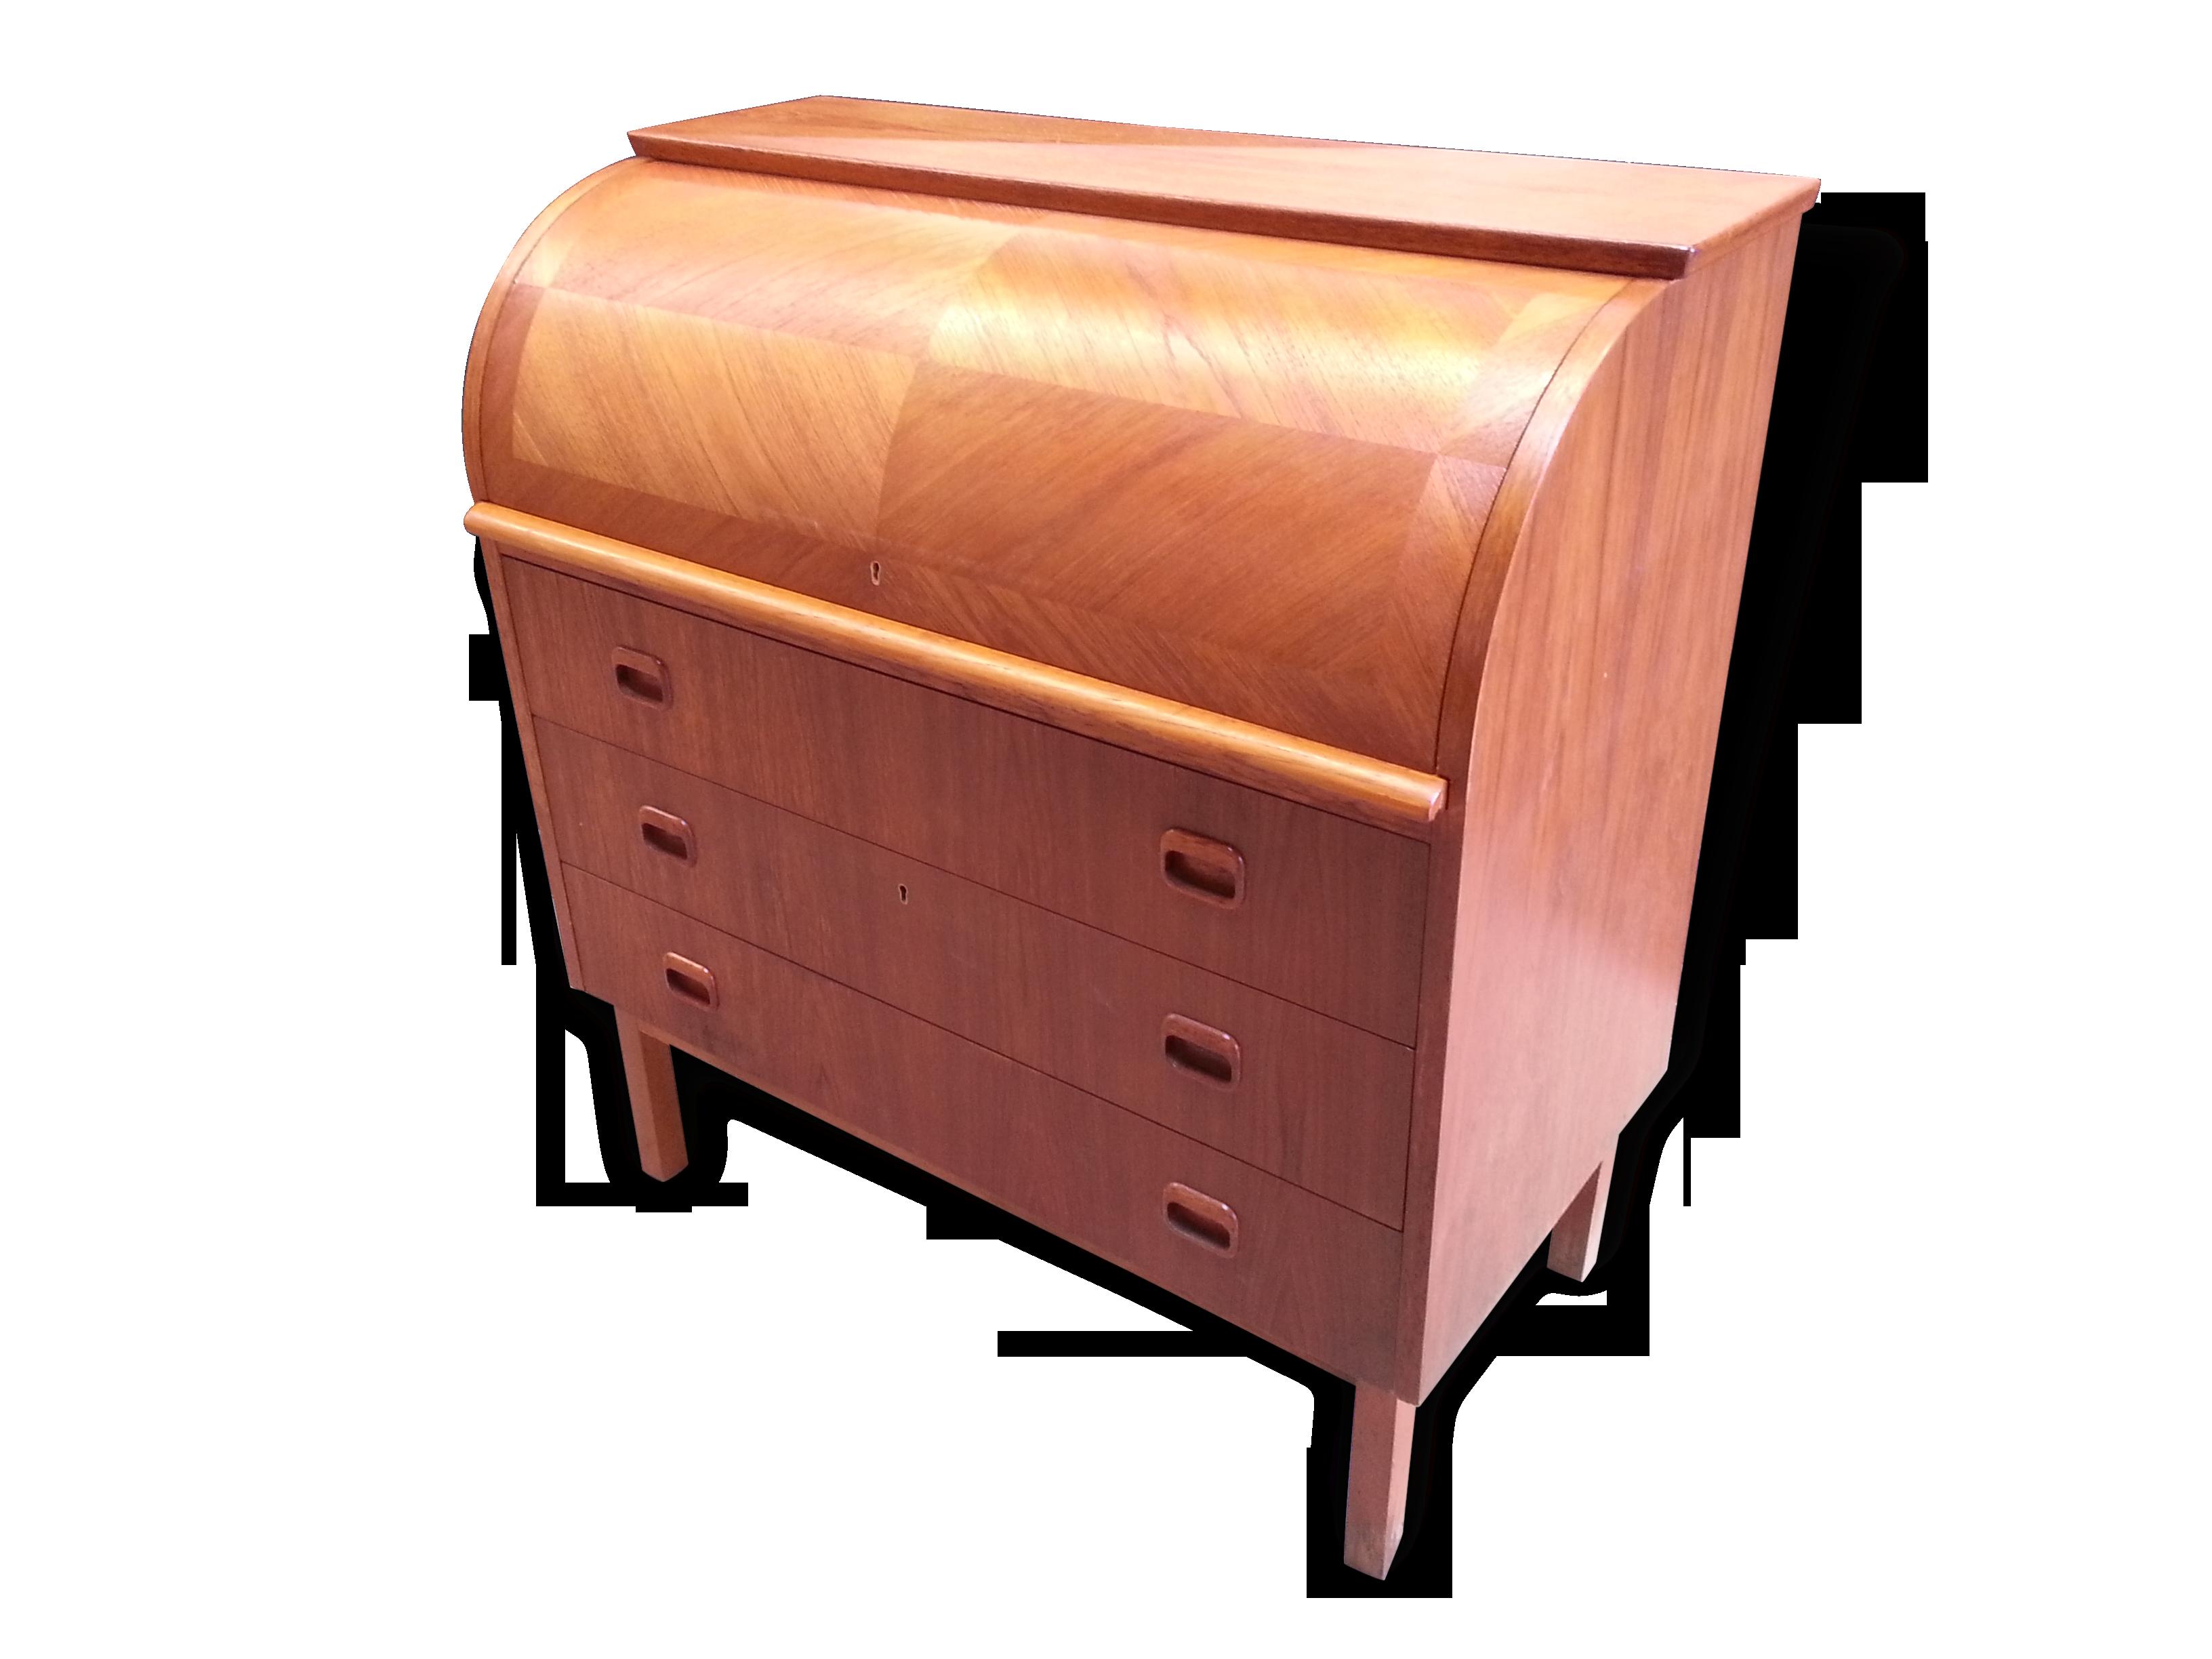 Bureau secrétaire à cylindre vintage style scandinave bois